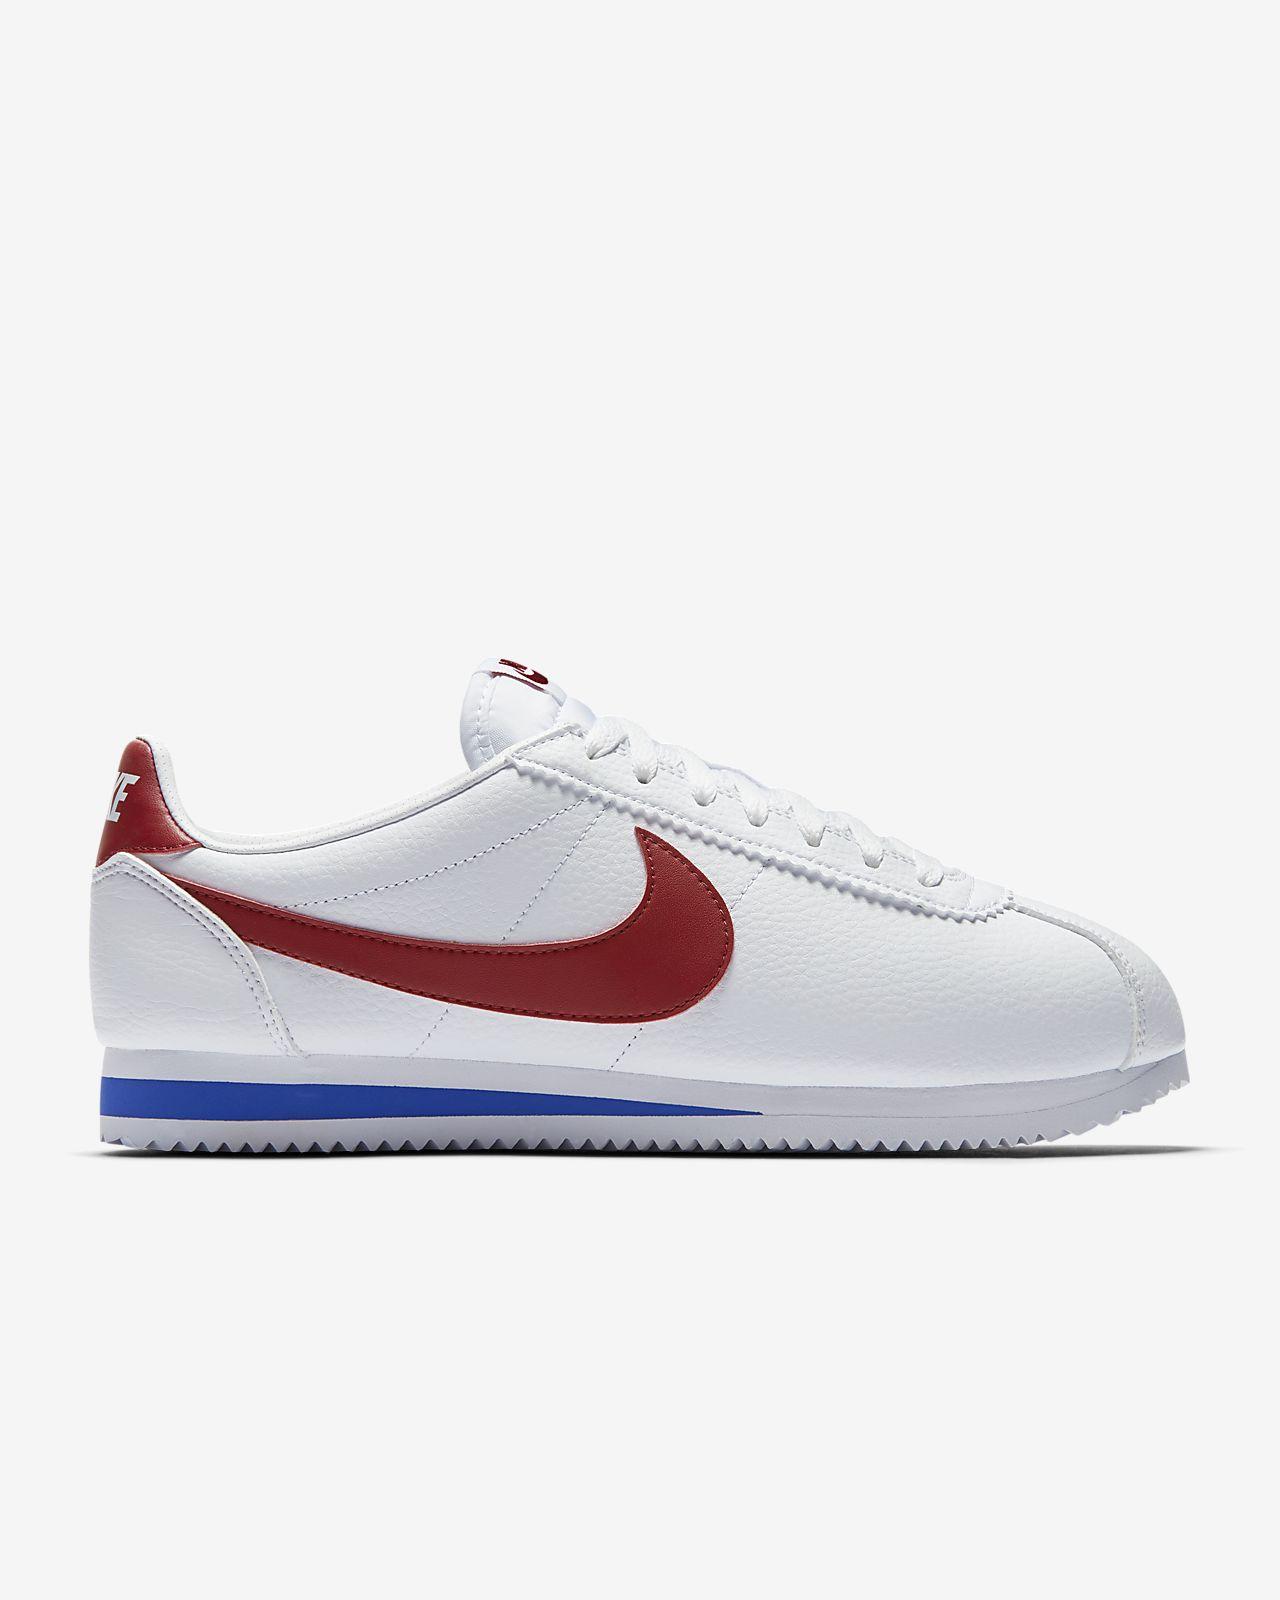 sale retailer de8f7 2de54 ... Buty męskie Nike Classic Cortez